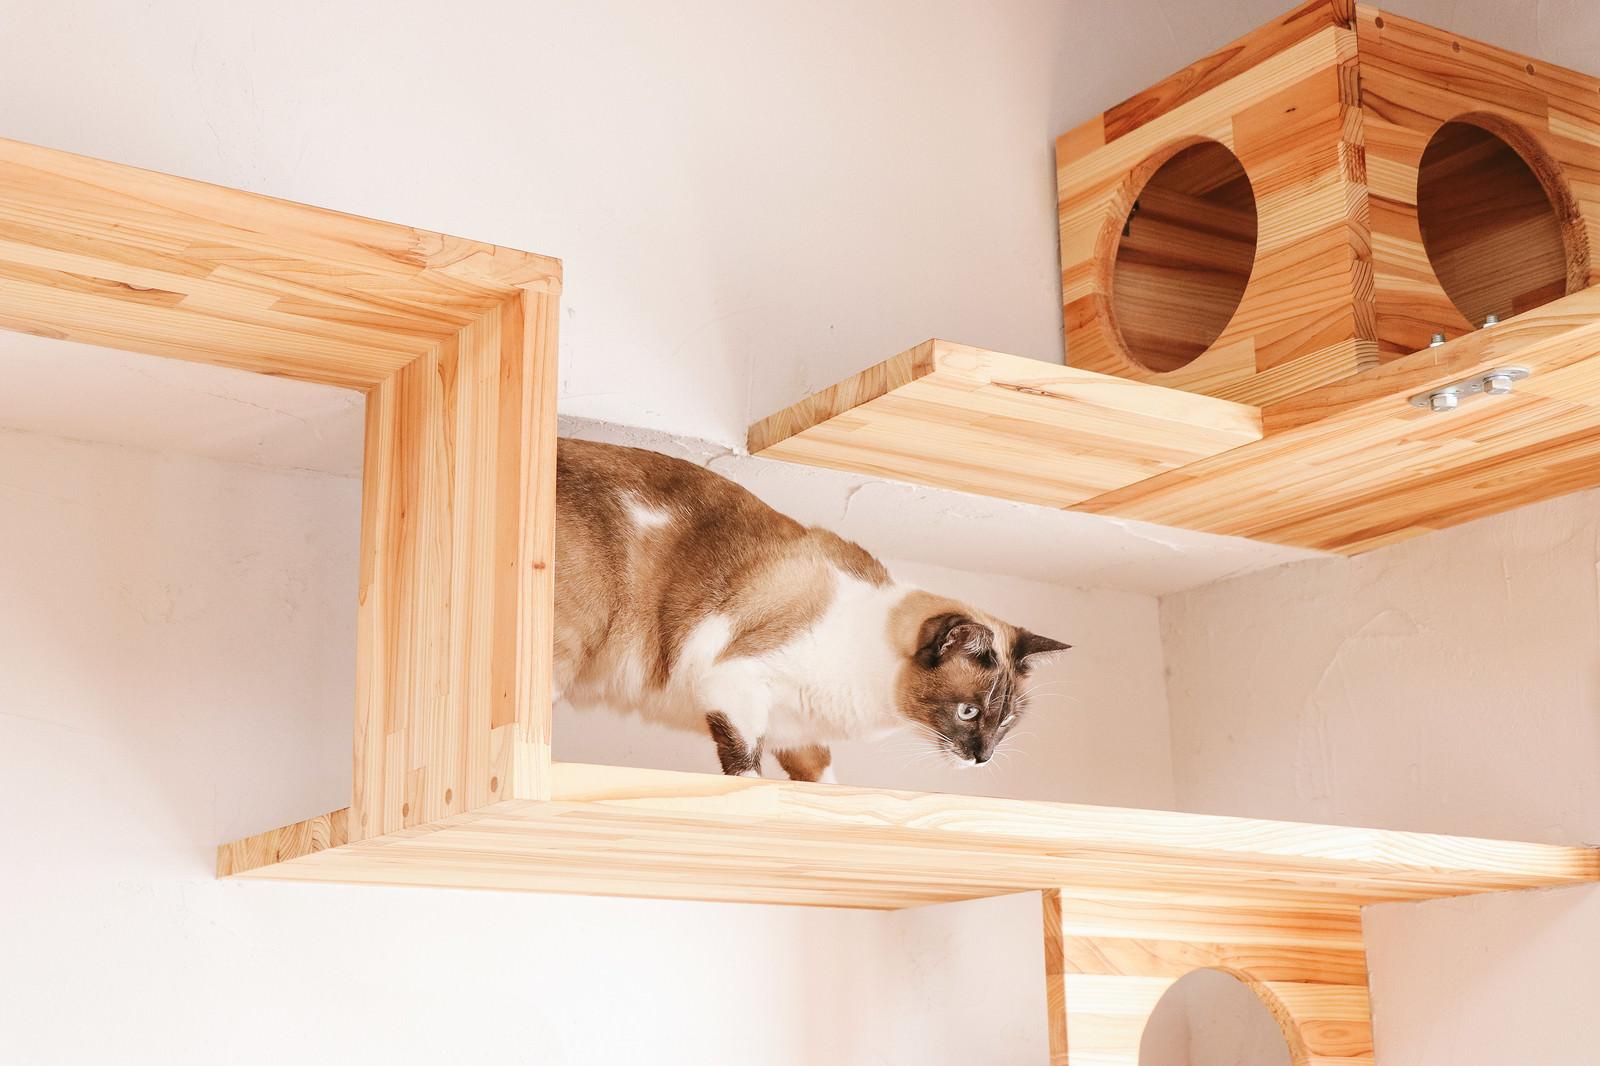 「キャットステップを下りる猫キャットステップを下りる猫」のフリー写真素材を拡大